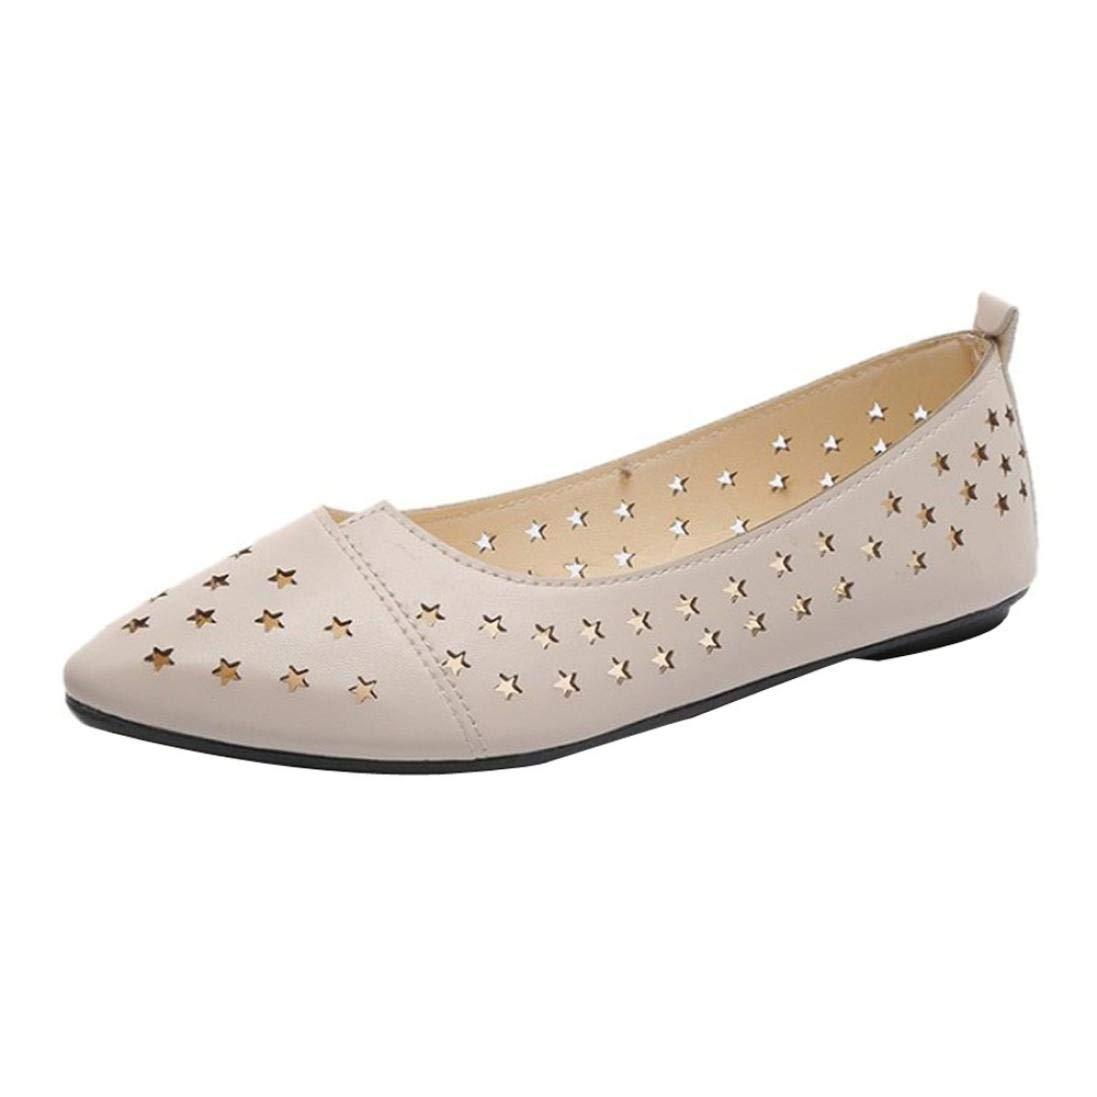 Zapatos de Cuero Plano Chic para Mujer Otoño 2018 Moda PAOLIAN Zapatos de  Punta Señora Fiesta Calzado de Vestir Estrella de Hueco Suela Blanda Mini  tacón ... 0424a8bc2ebf